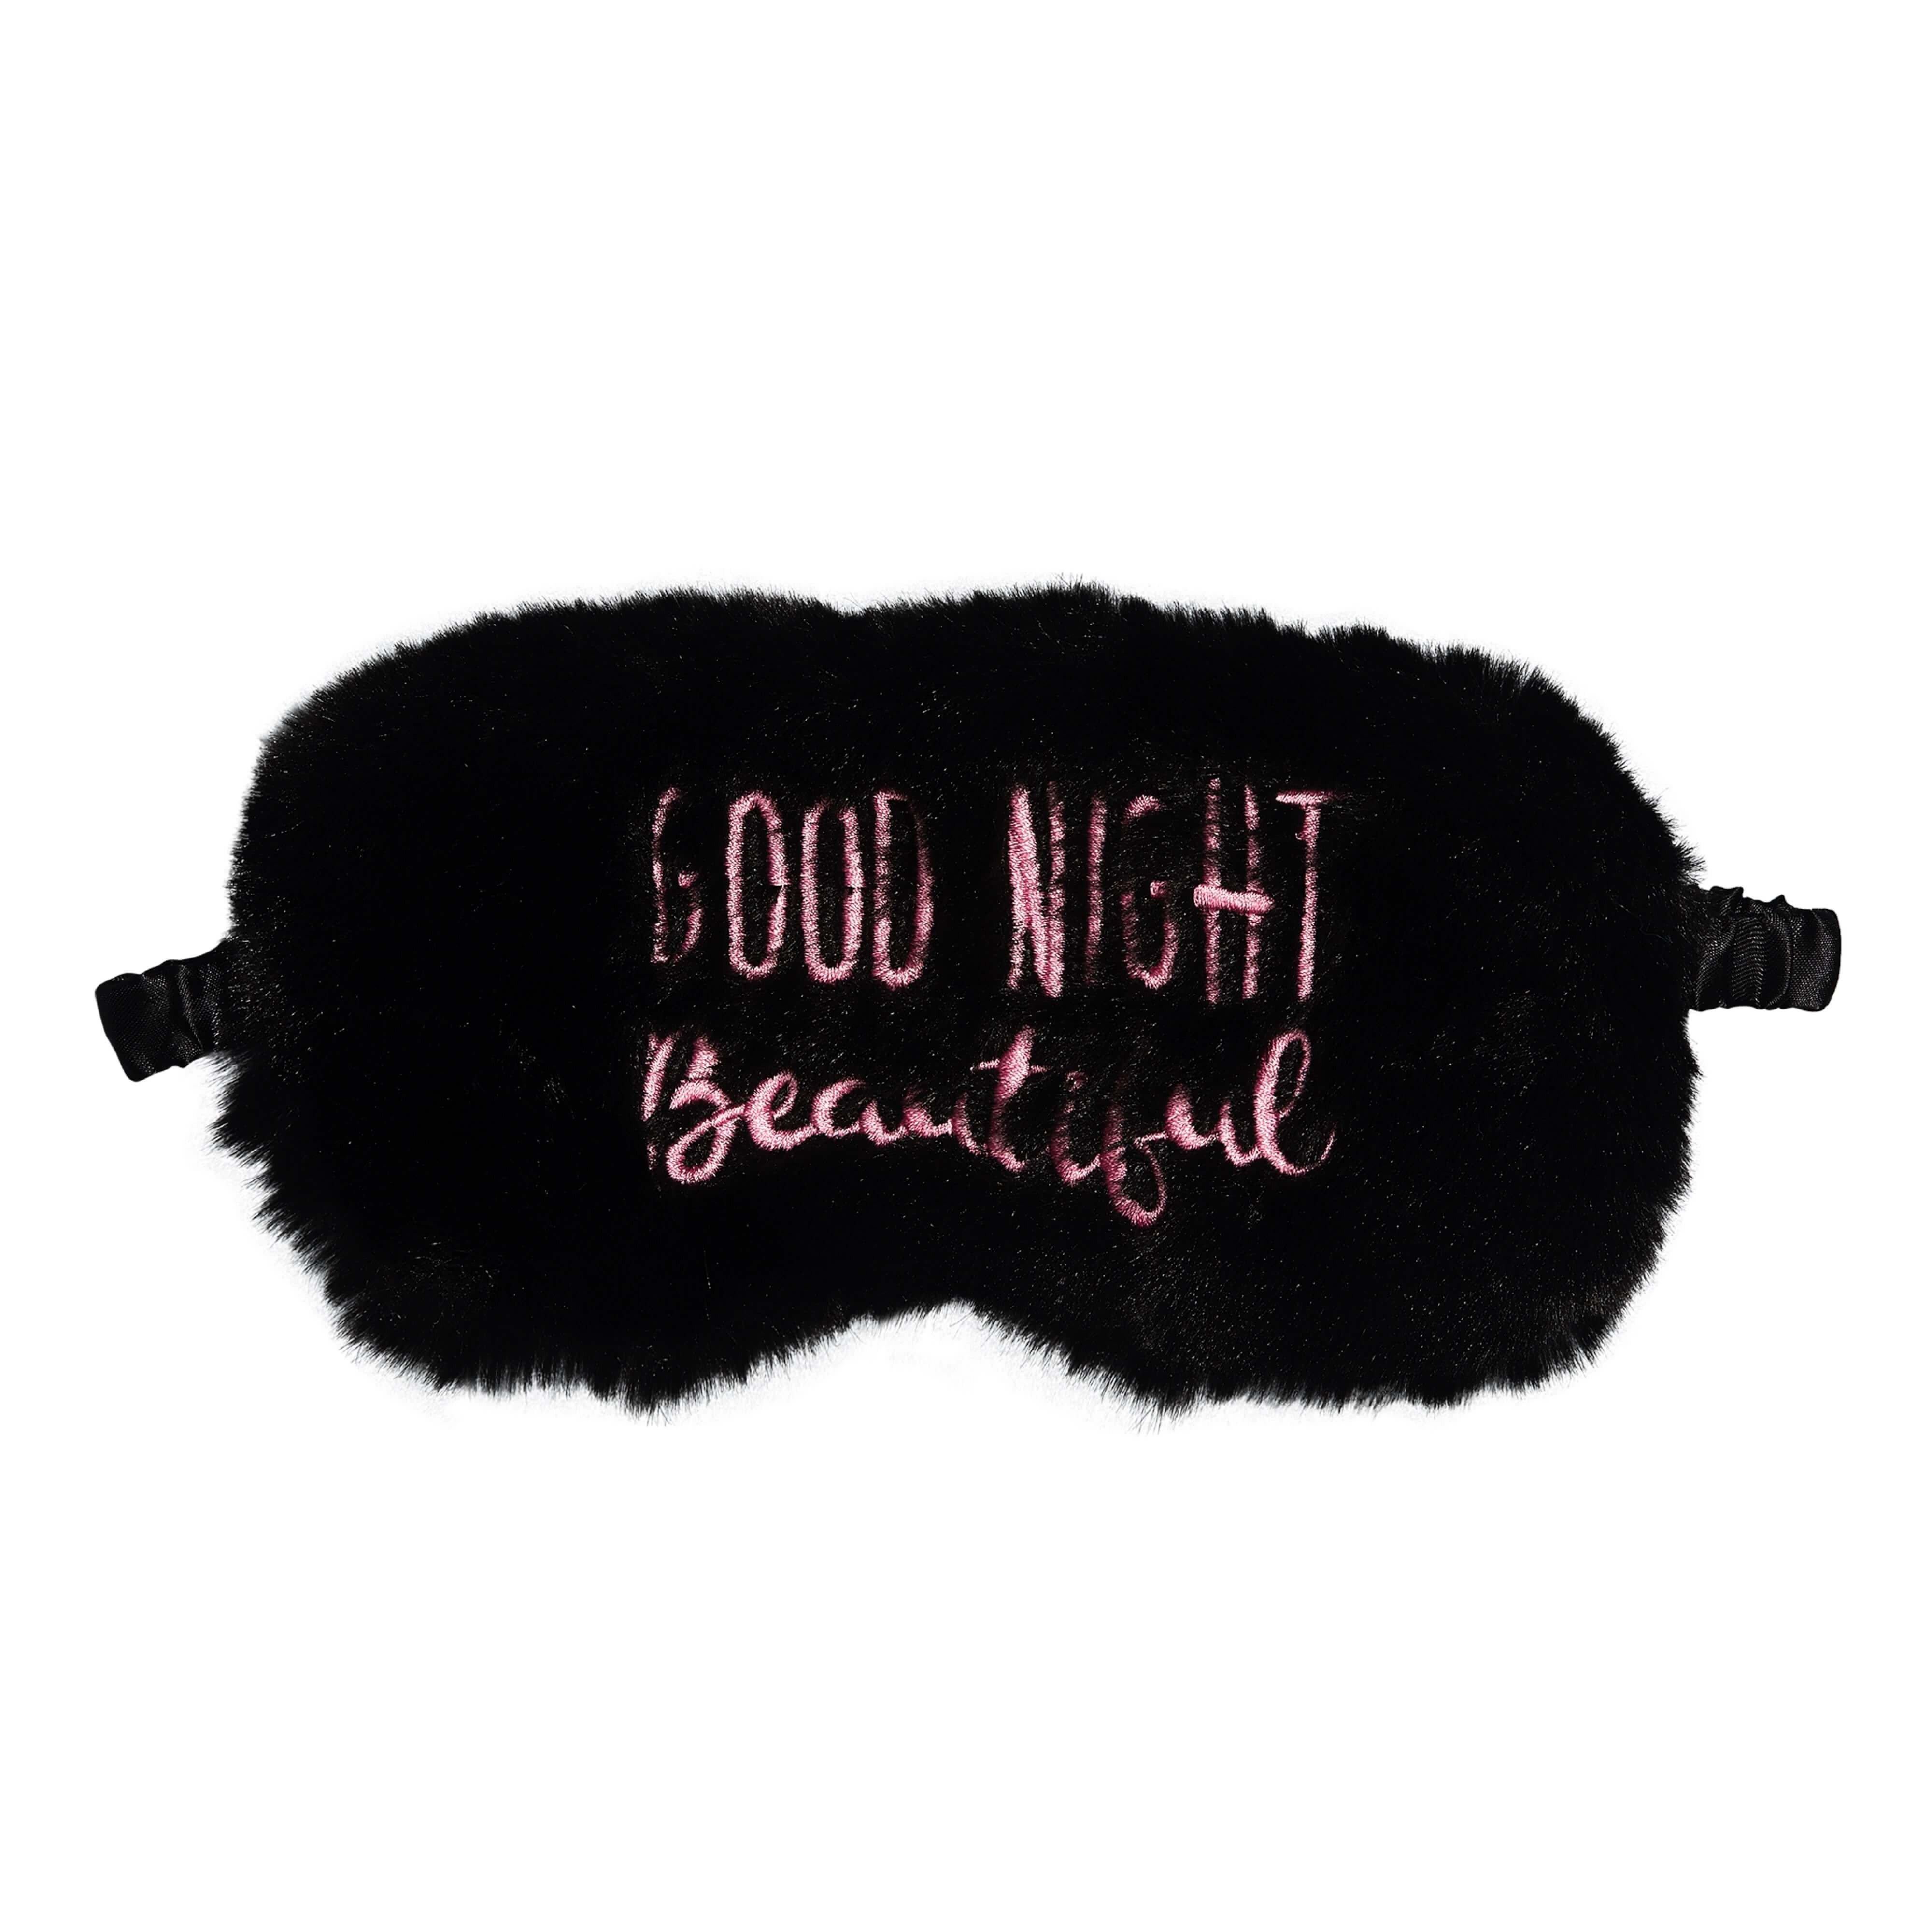 Masque de nuit good night